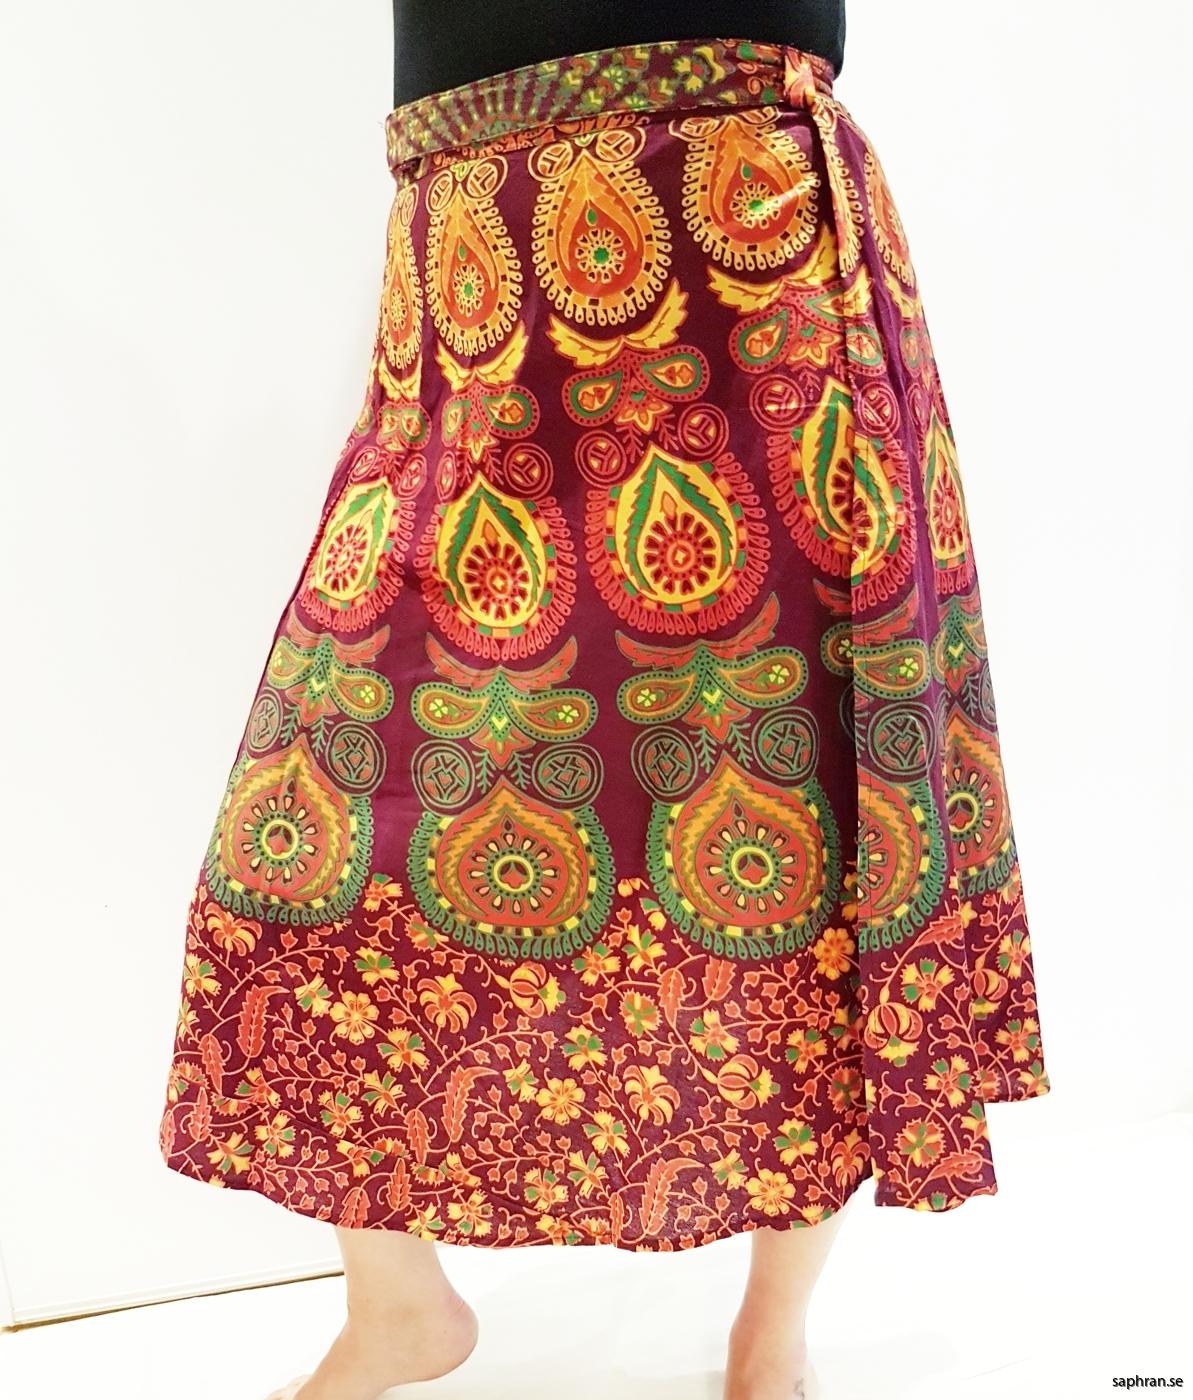 Färgglad kjol med mönster från Indien